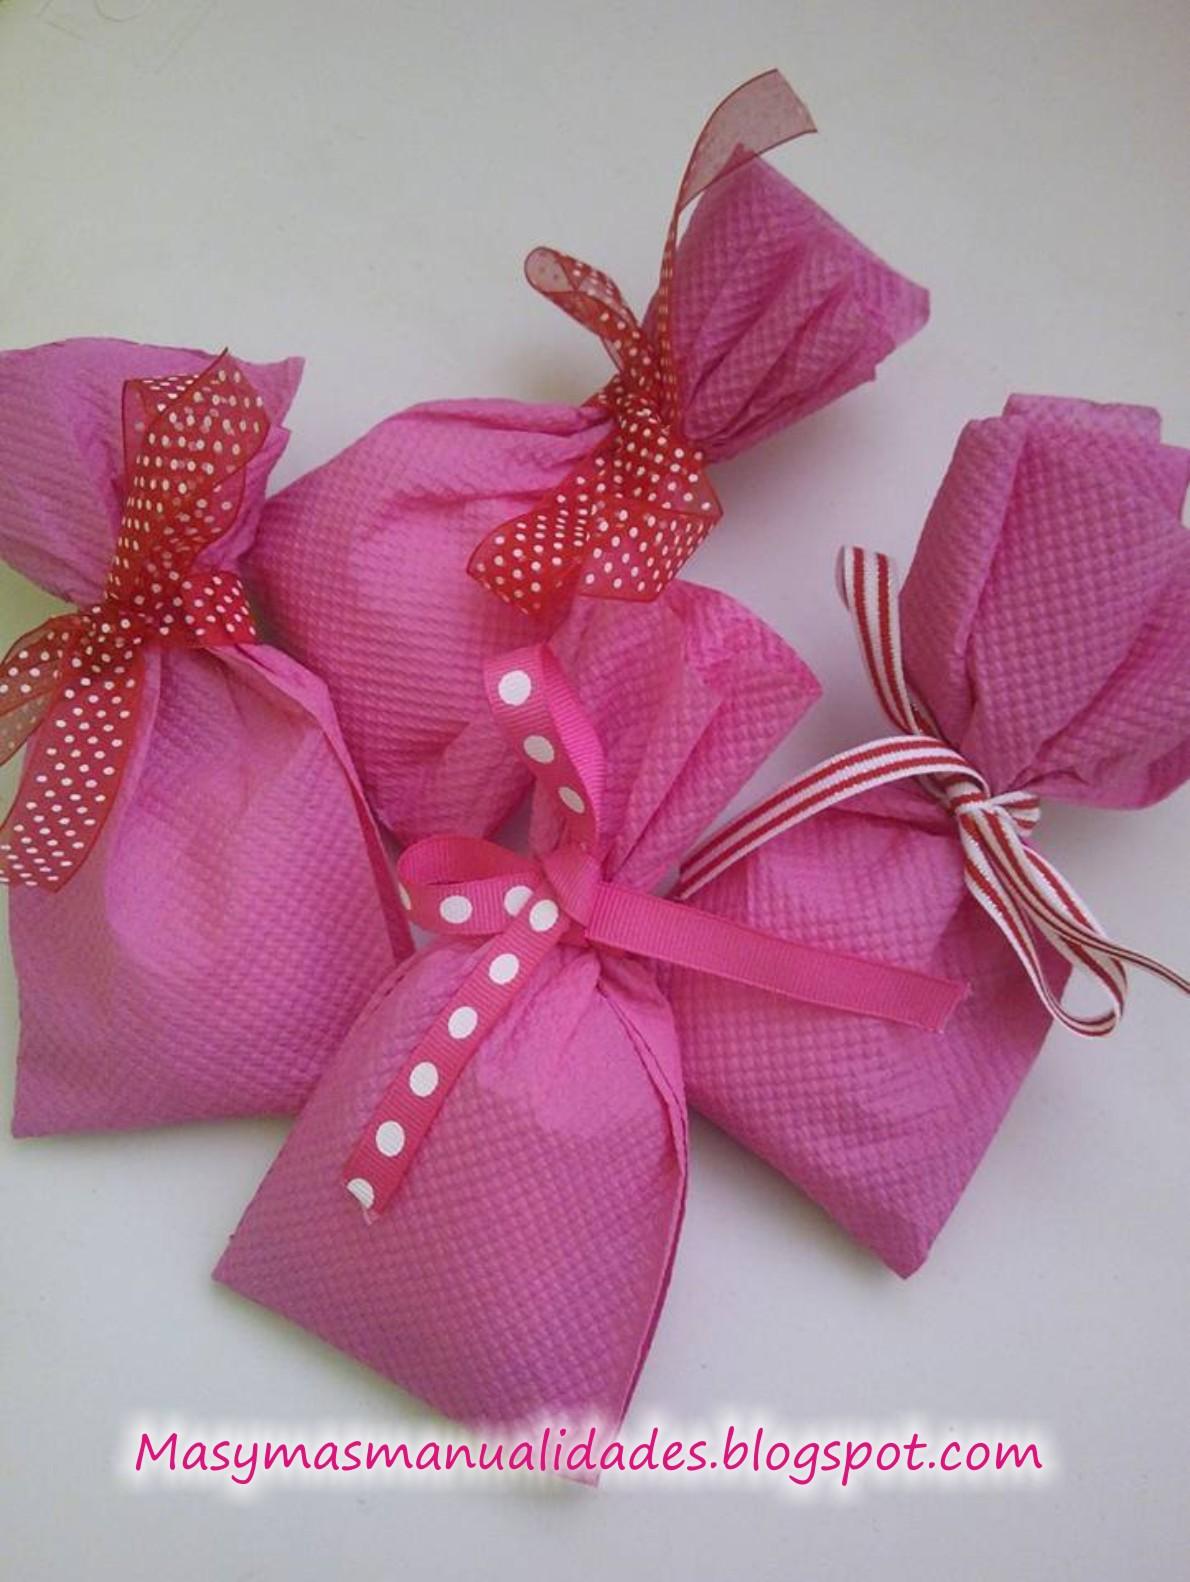 M s y m s manualidades como empacar peque os obsequios en - Origami con servilletas ...